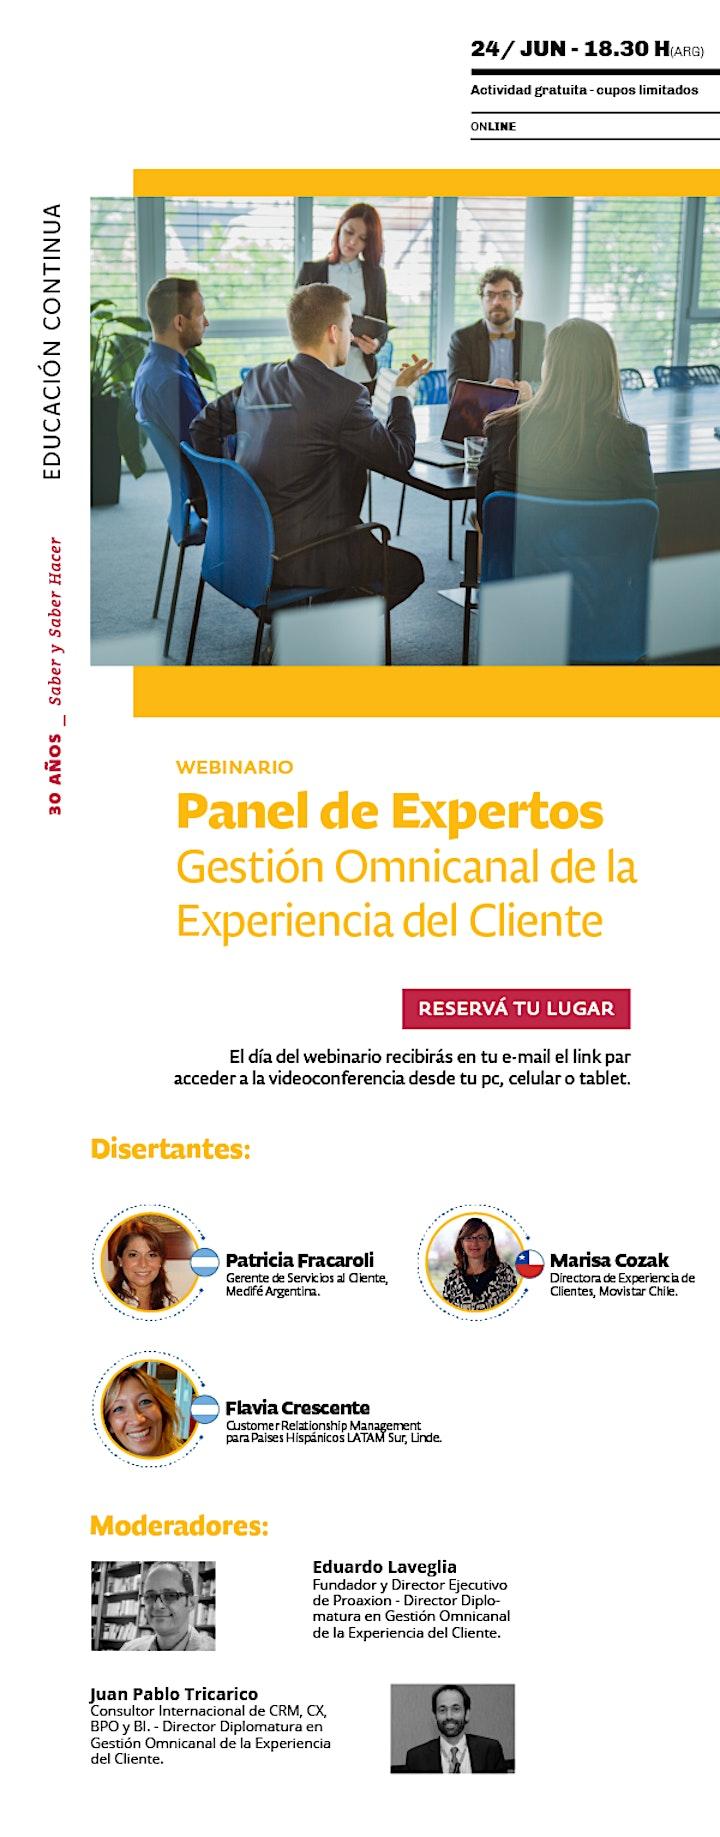 Imagen de Webinario>Panel de Expertos:Gestión Omnicanal de la Experiencia del Cliente